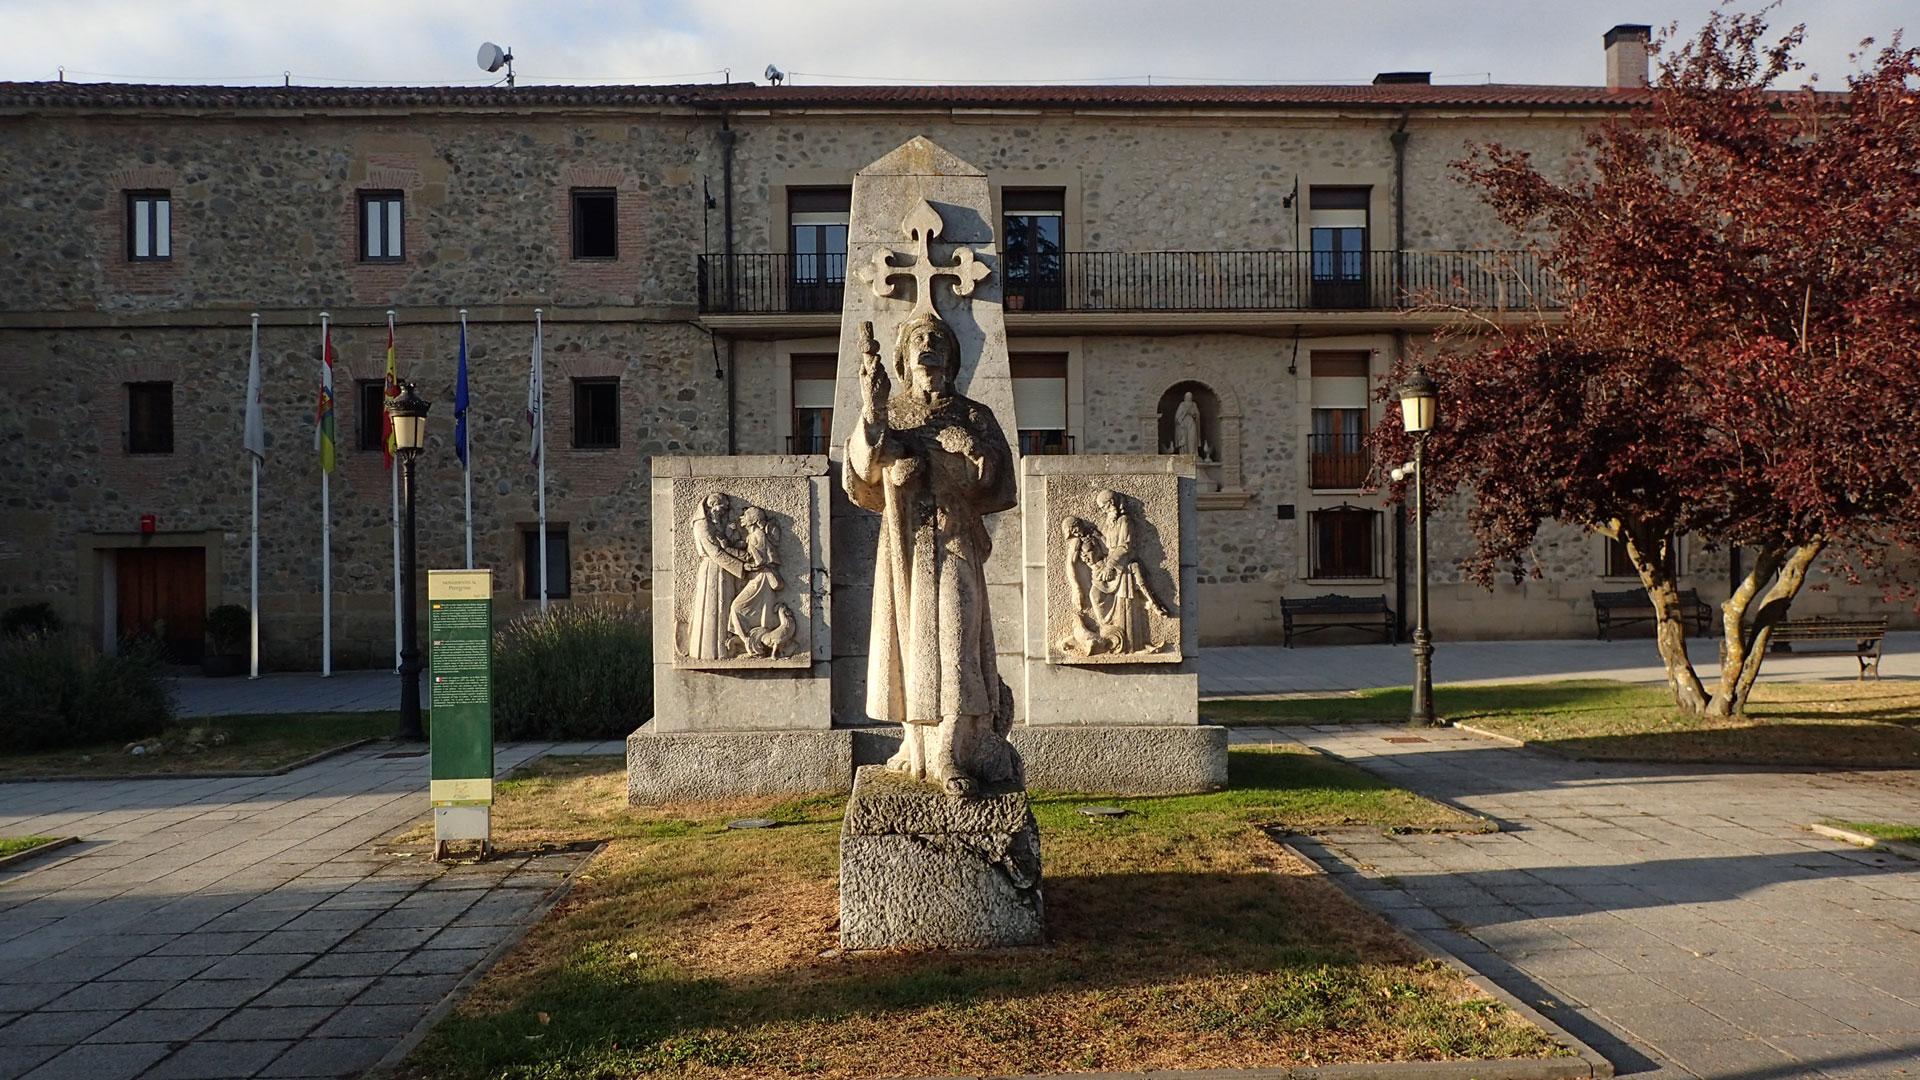 At Santa Domingo de la Calzada